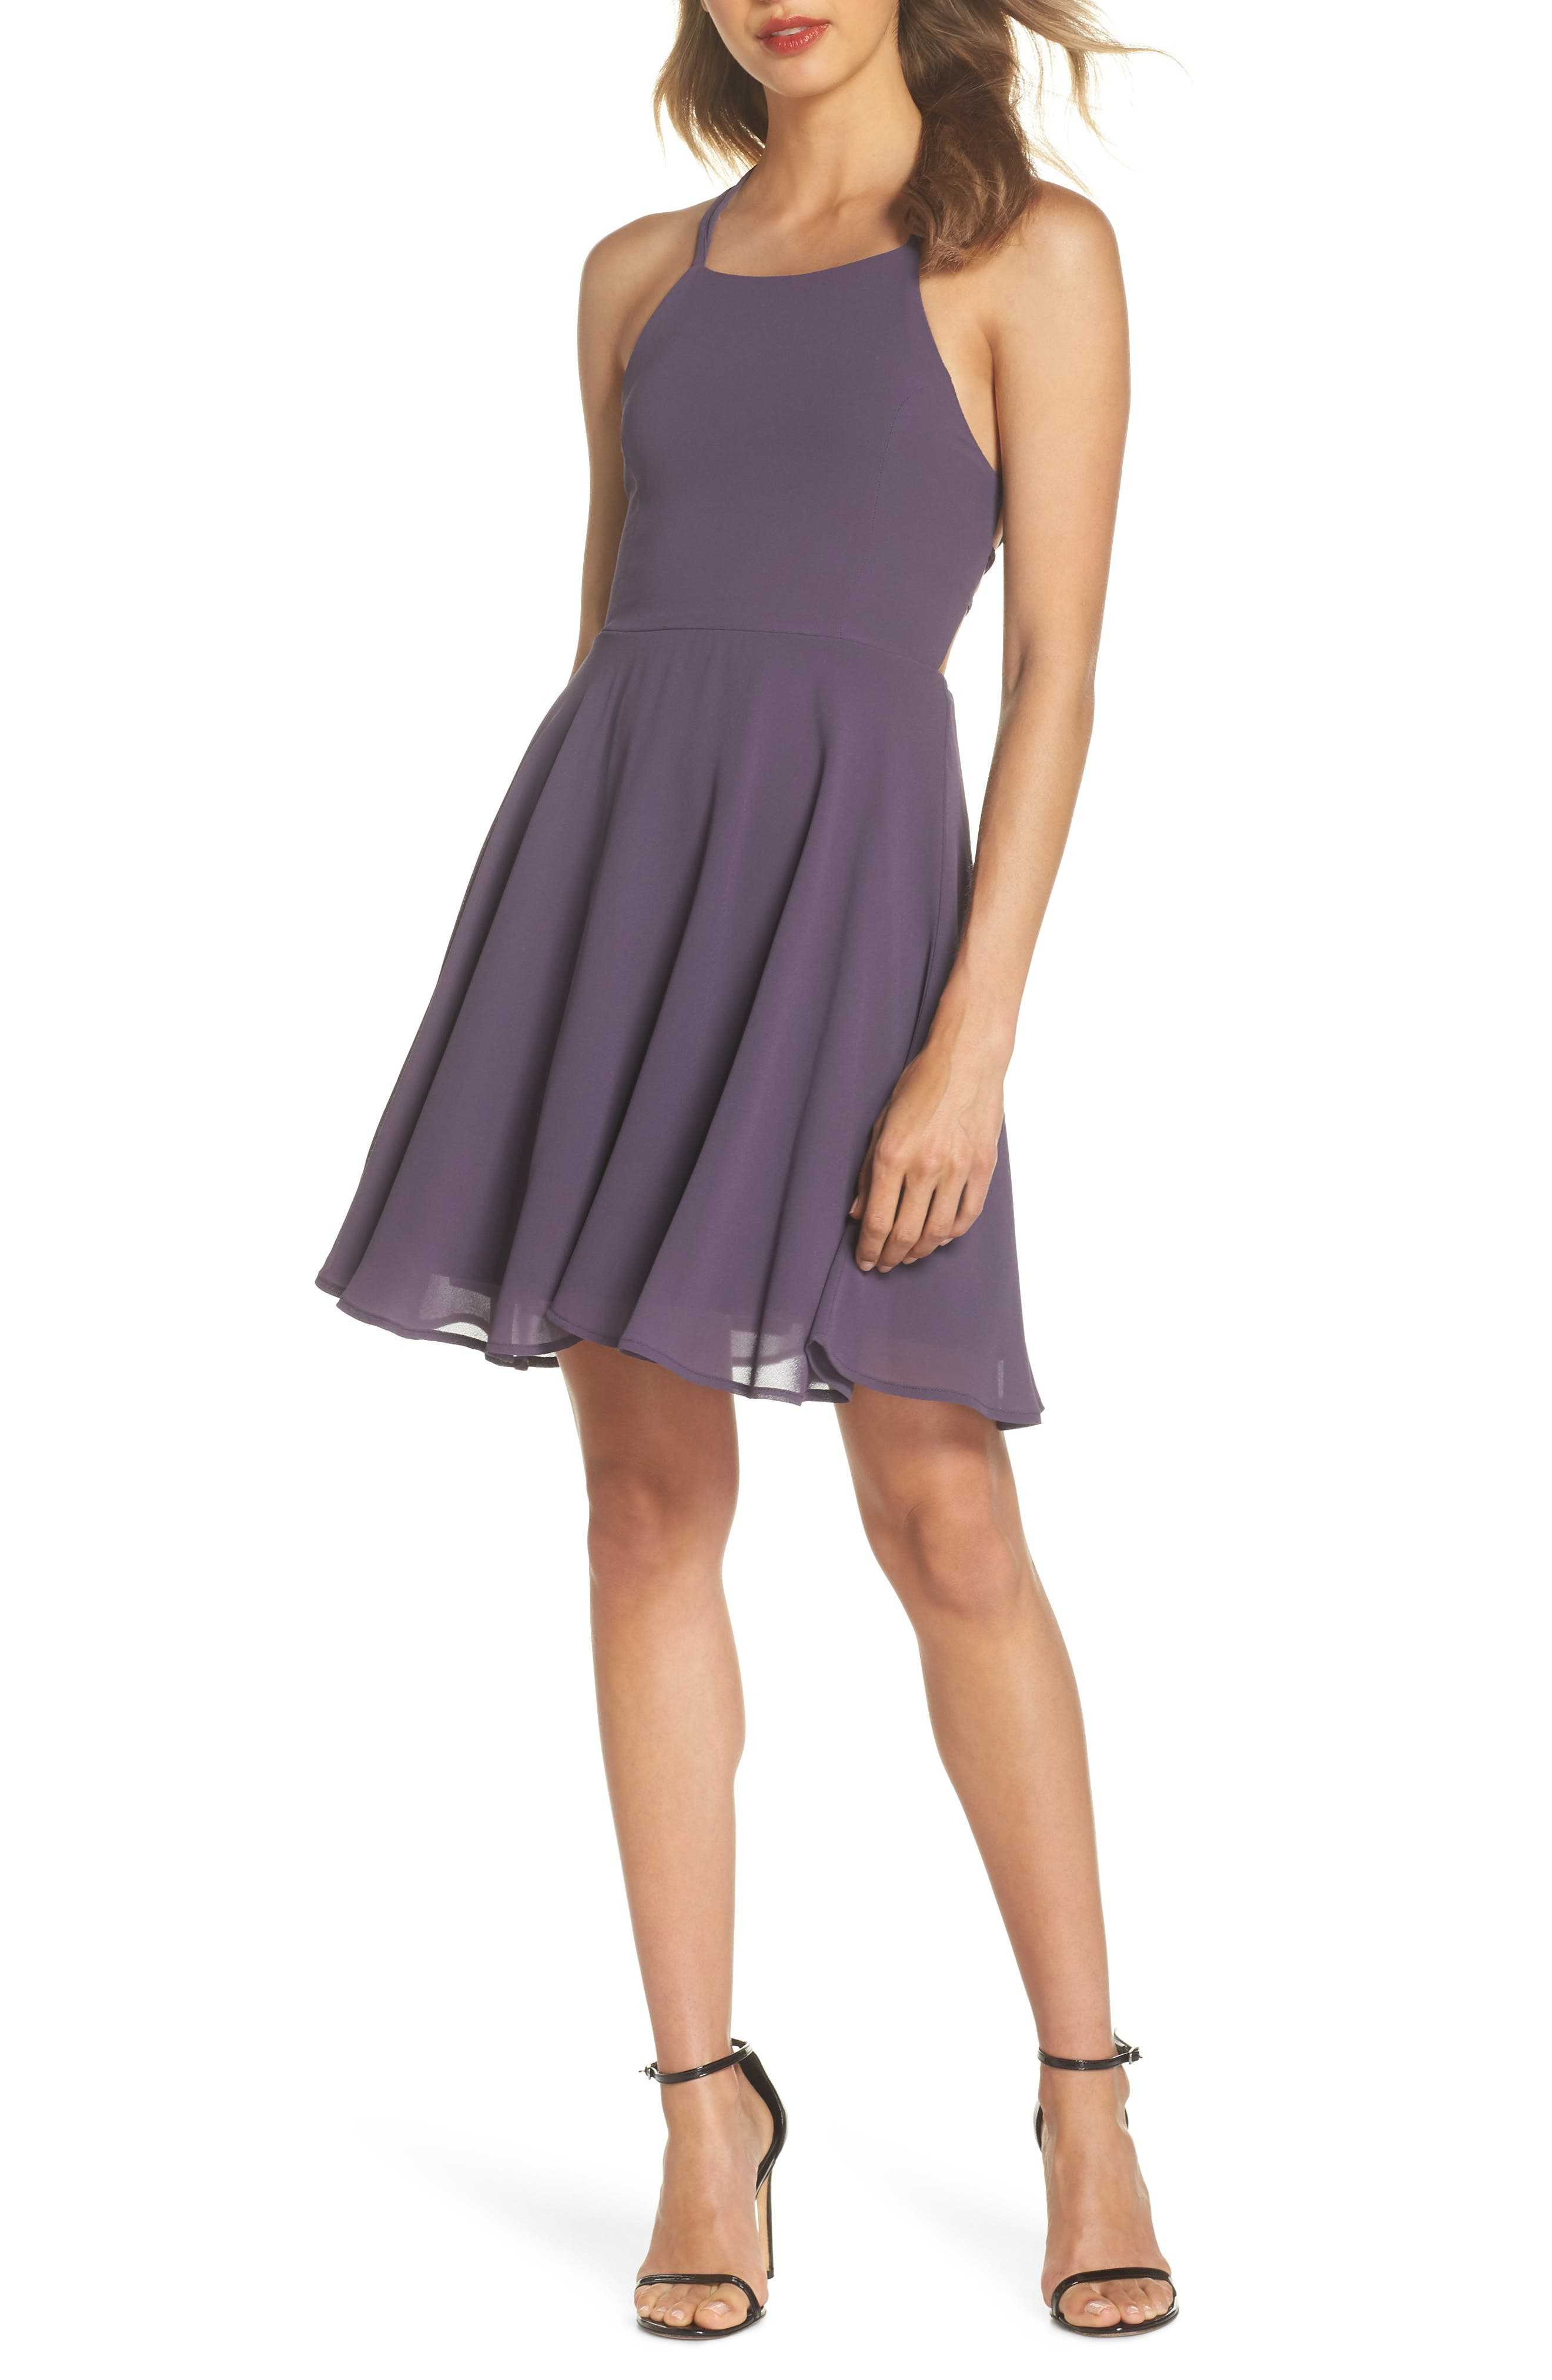 Formal Cocktail Dresses